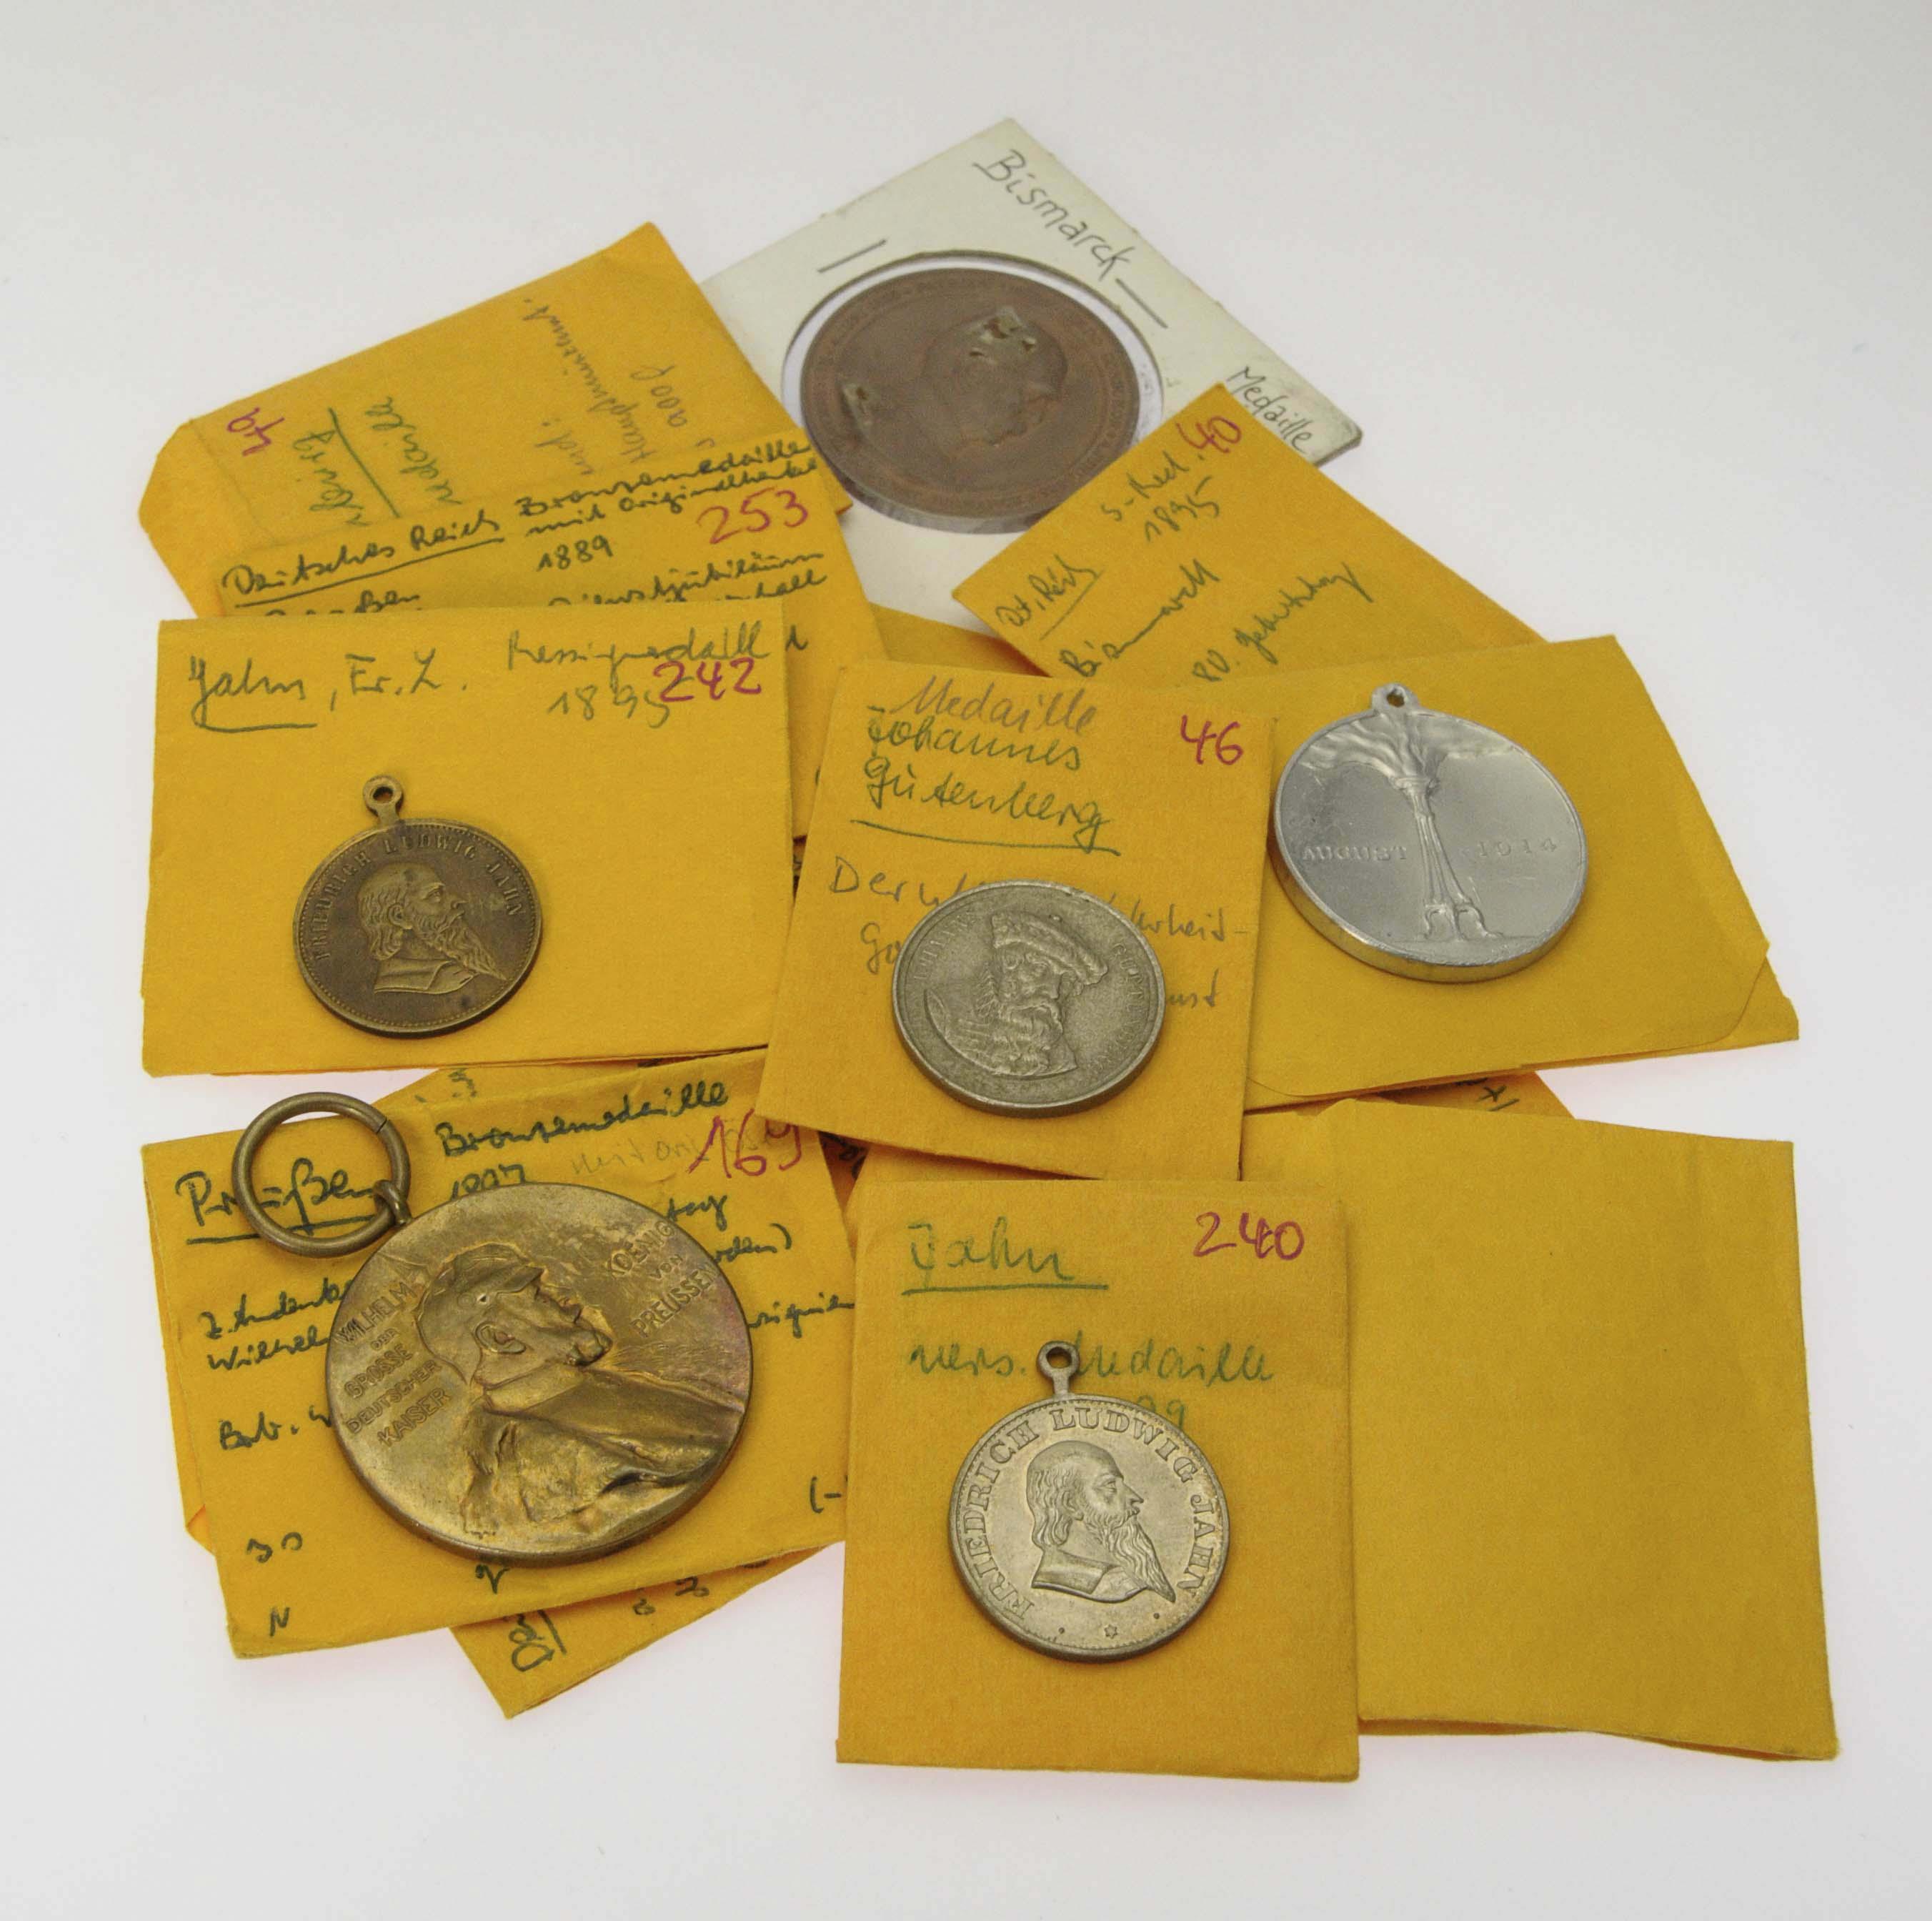 Lot 2674 - Sammlungen Medaillen Deutschland S -  Auktionshaus Ulrich Felzmann GmbH & Co. KG Auction 169